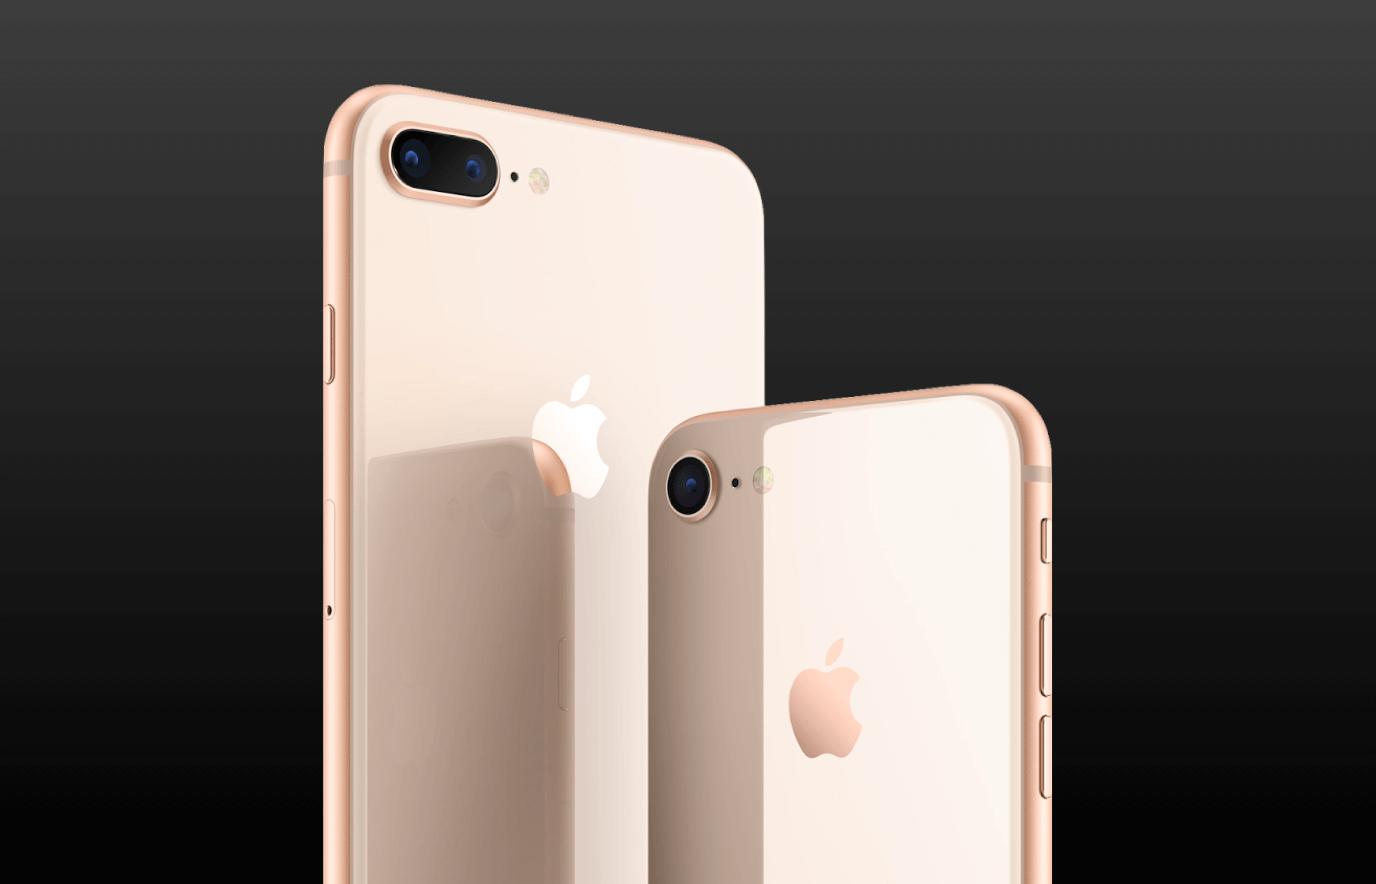 Wat is het verschil tussen de iPhone 8 en de iPhone 8 Plus?